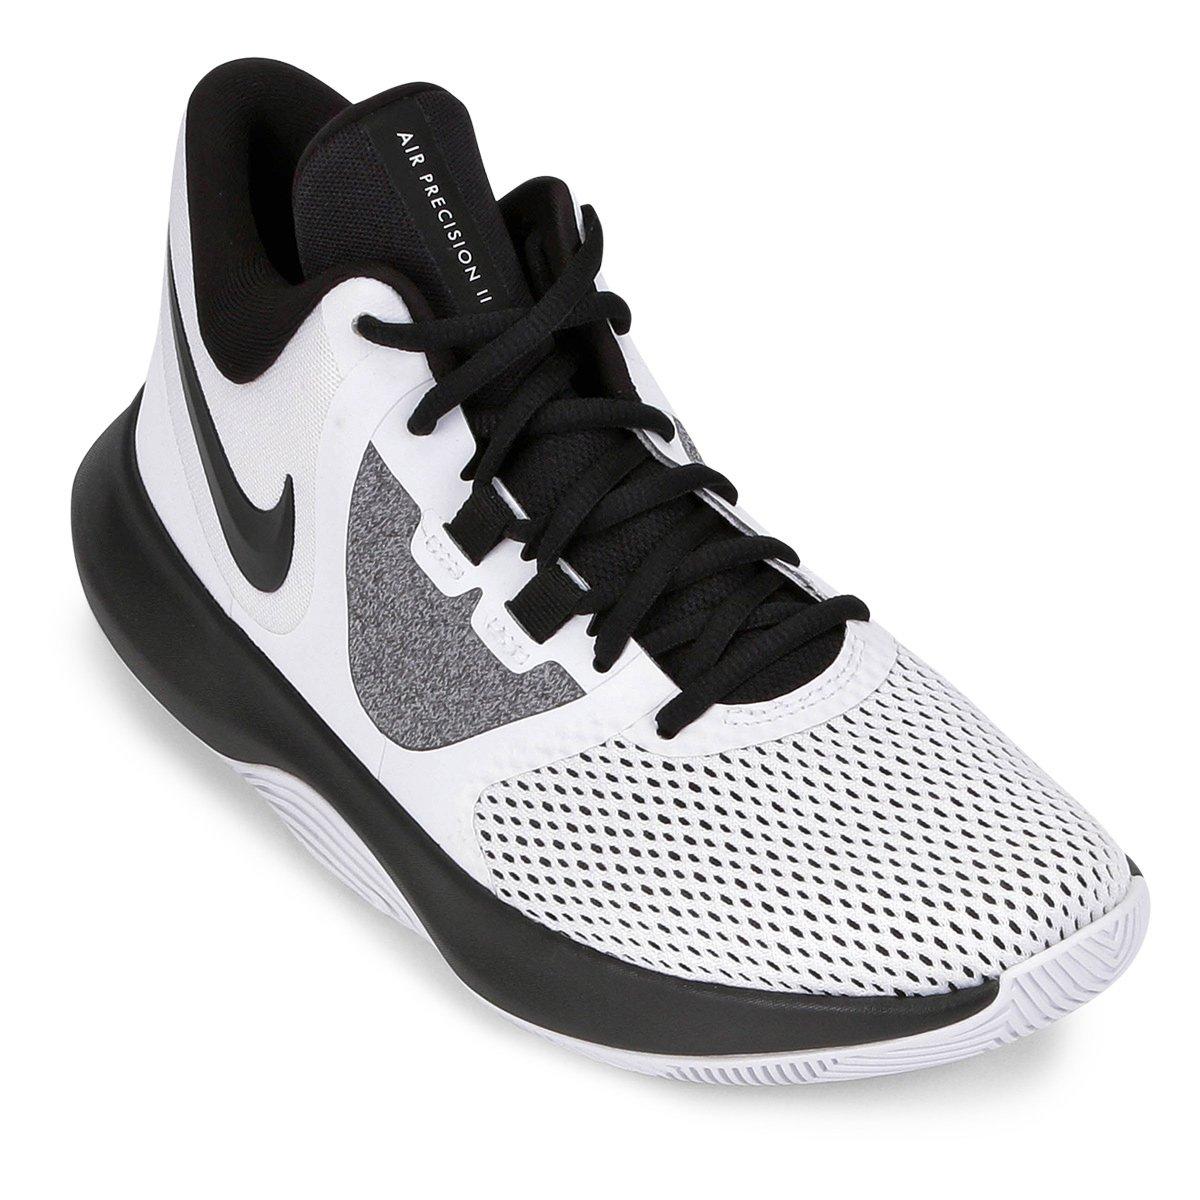 Tênis Nike Air Precision II Masculino - Branco e Preto - Compre ... 77d45f6cce157